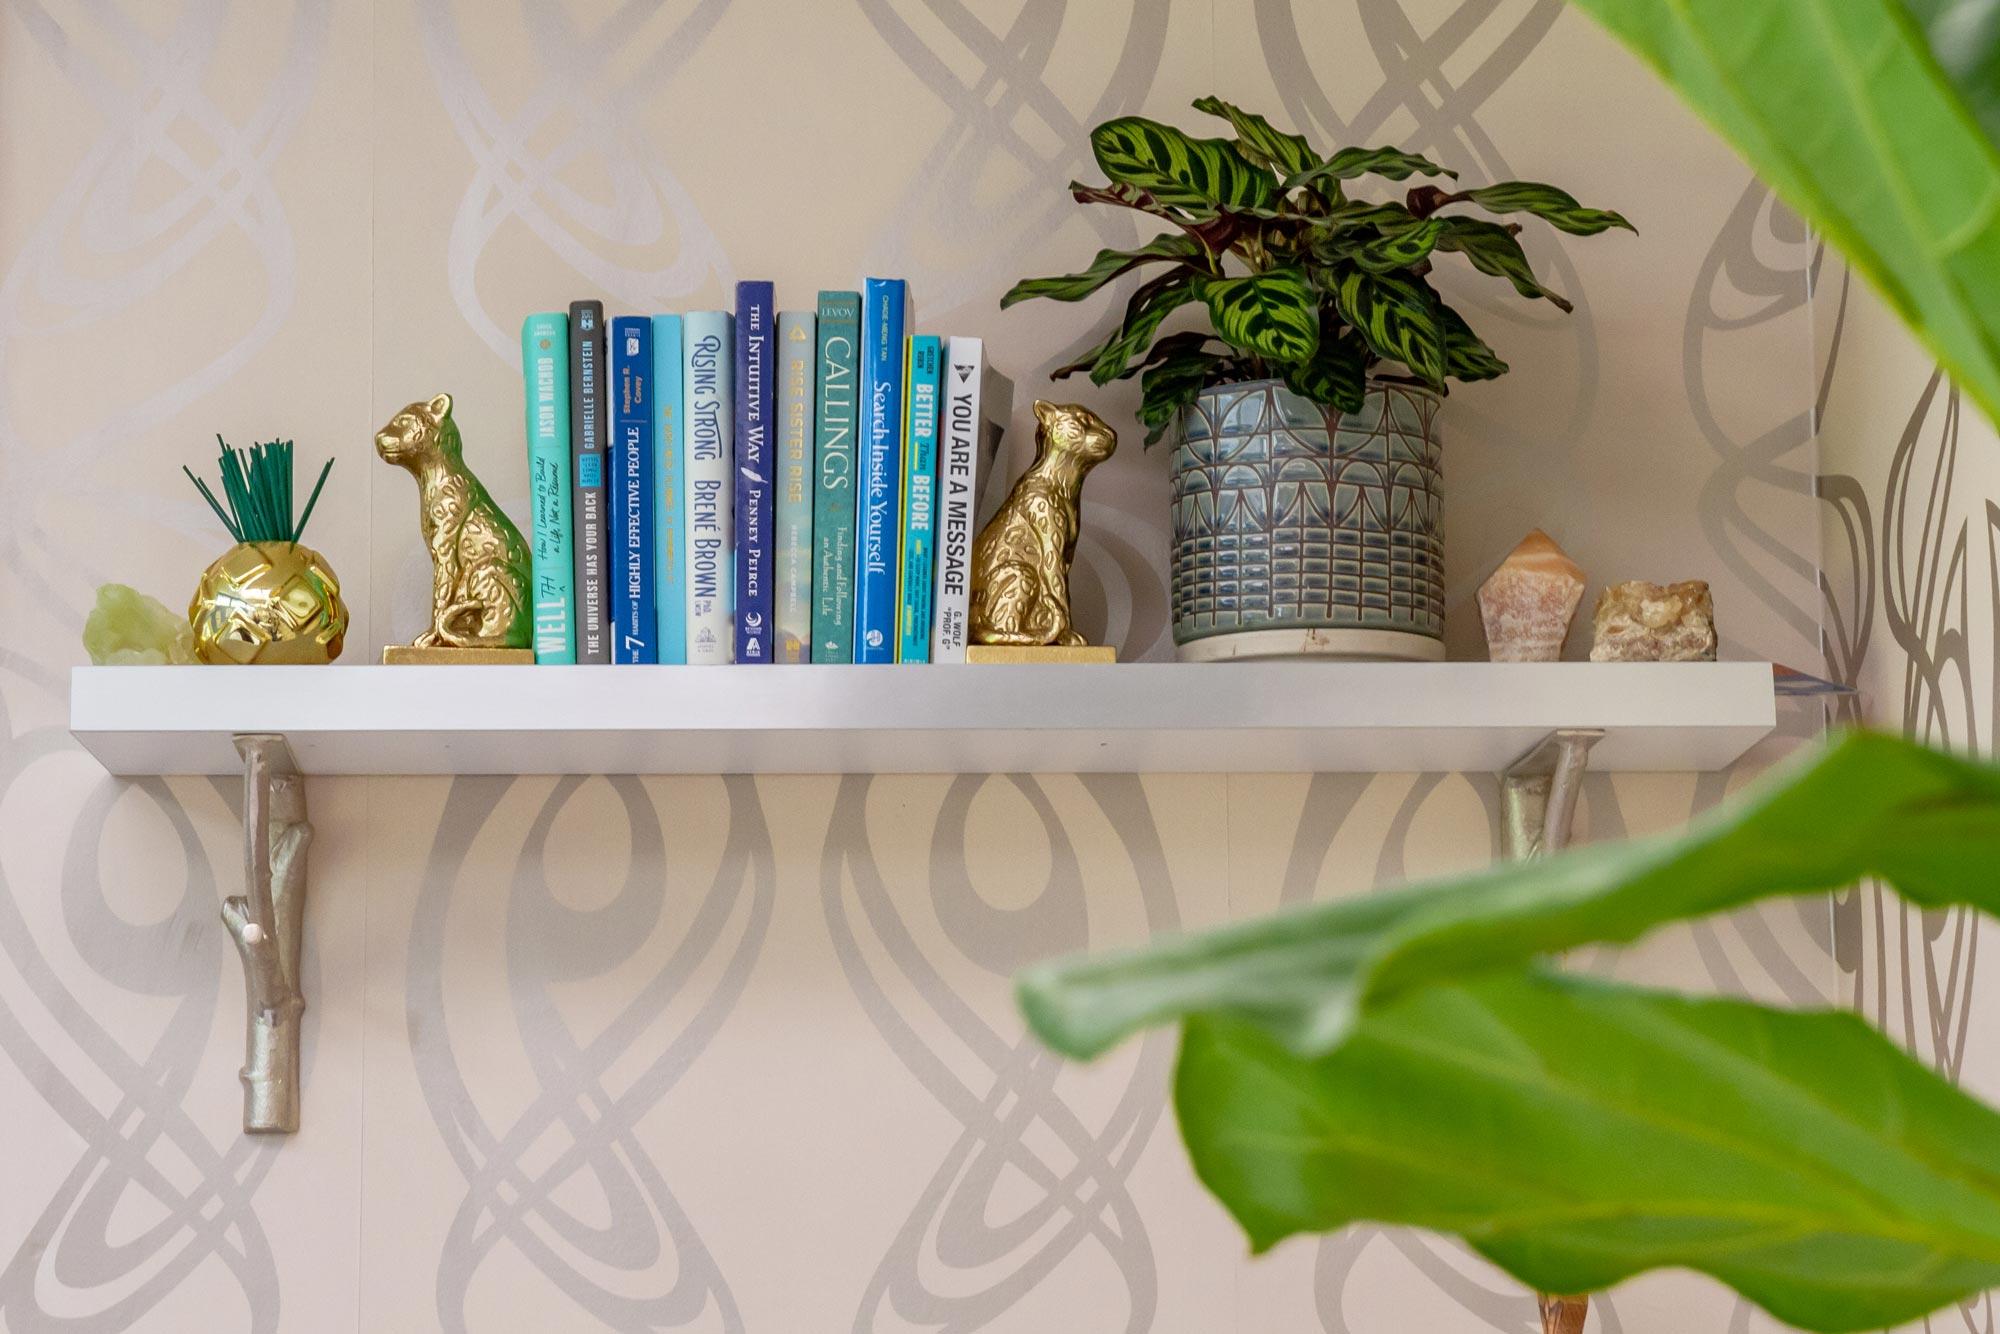 DesignGood HQ Kristin's book shelf